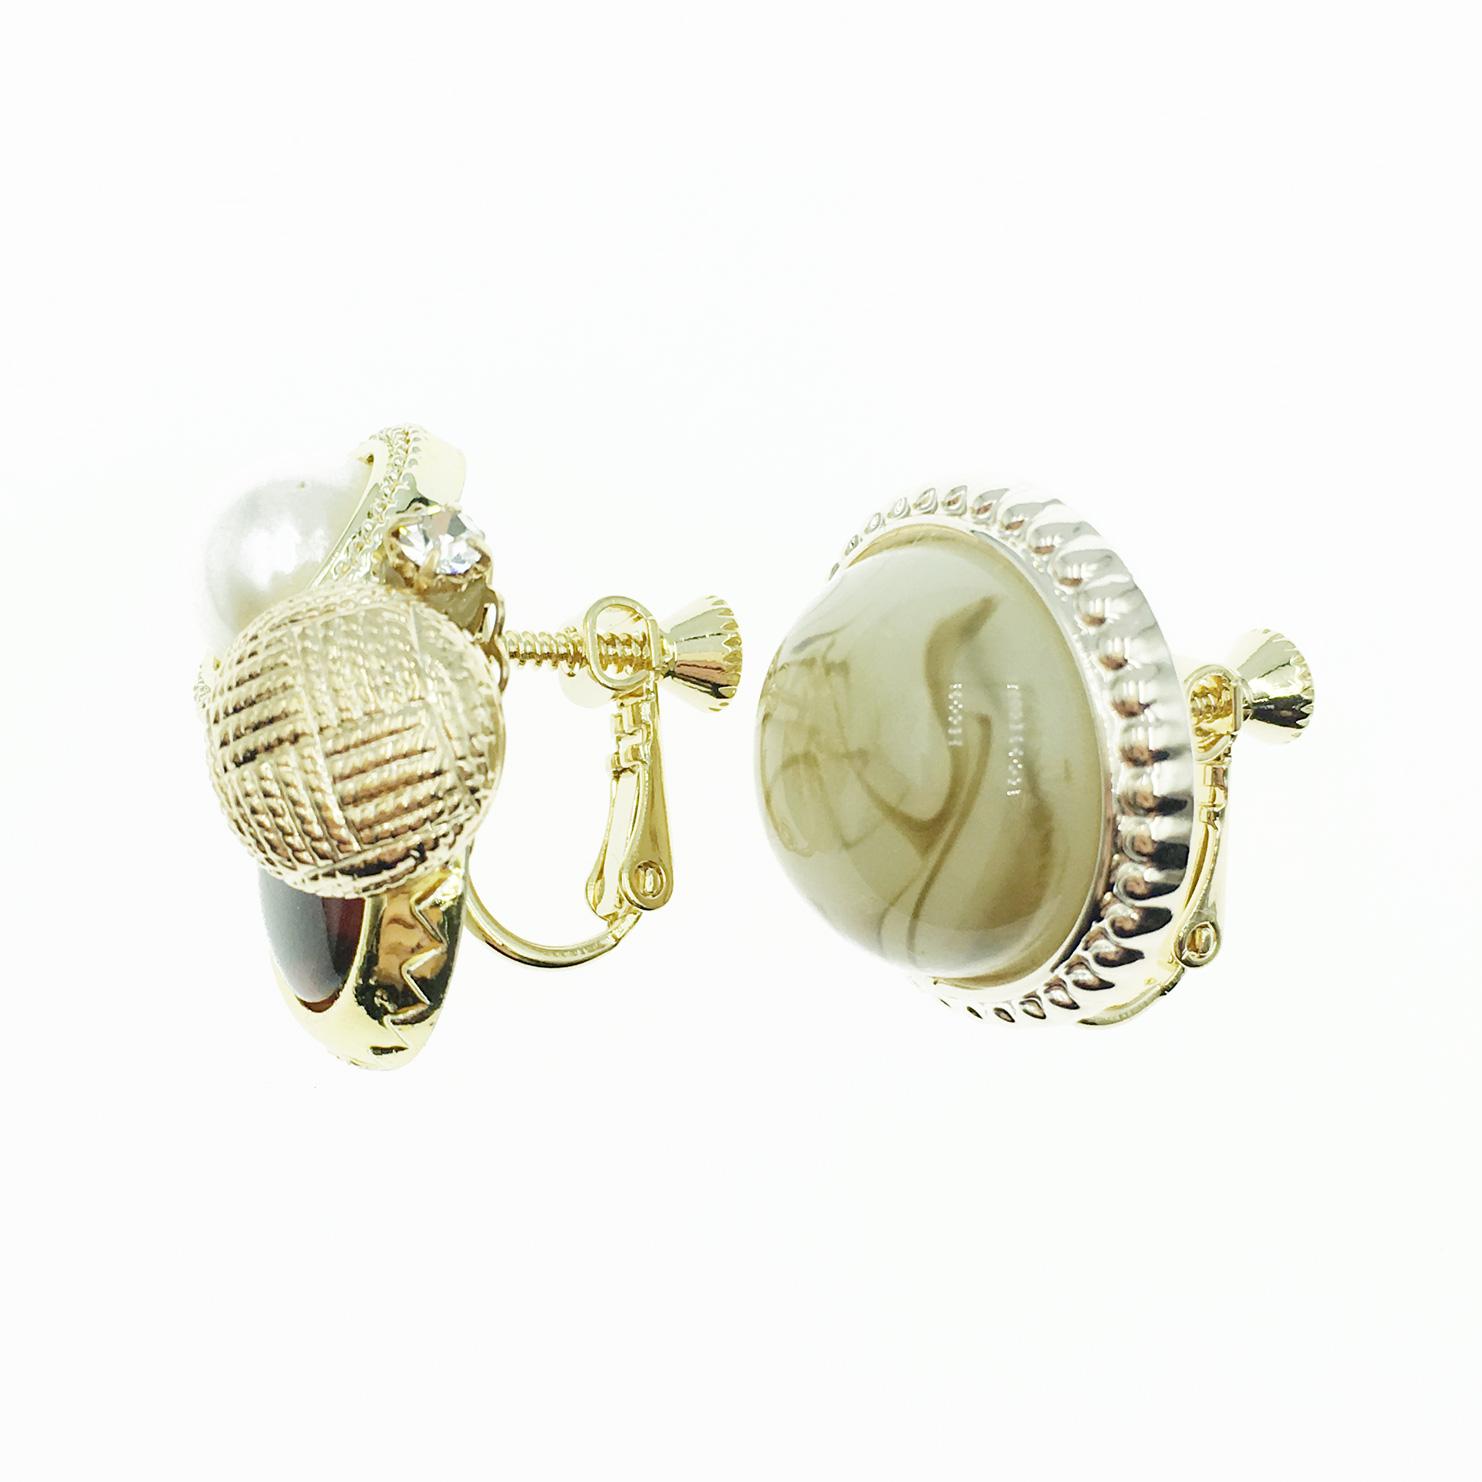 韓國 不對稱造型 珍珠 水鑽 夾式耳環